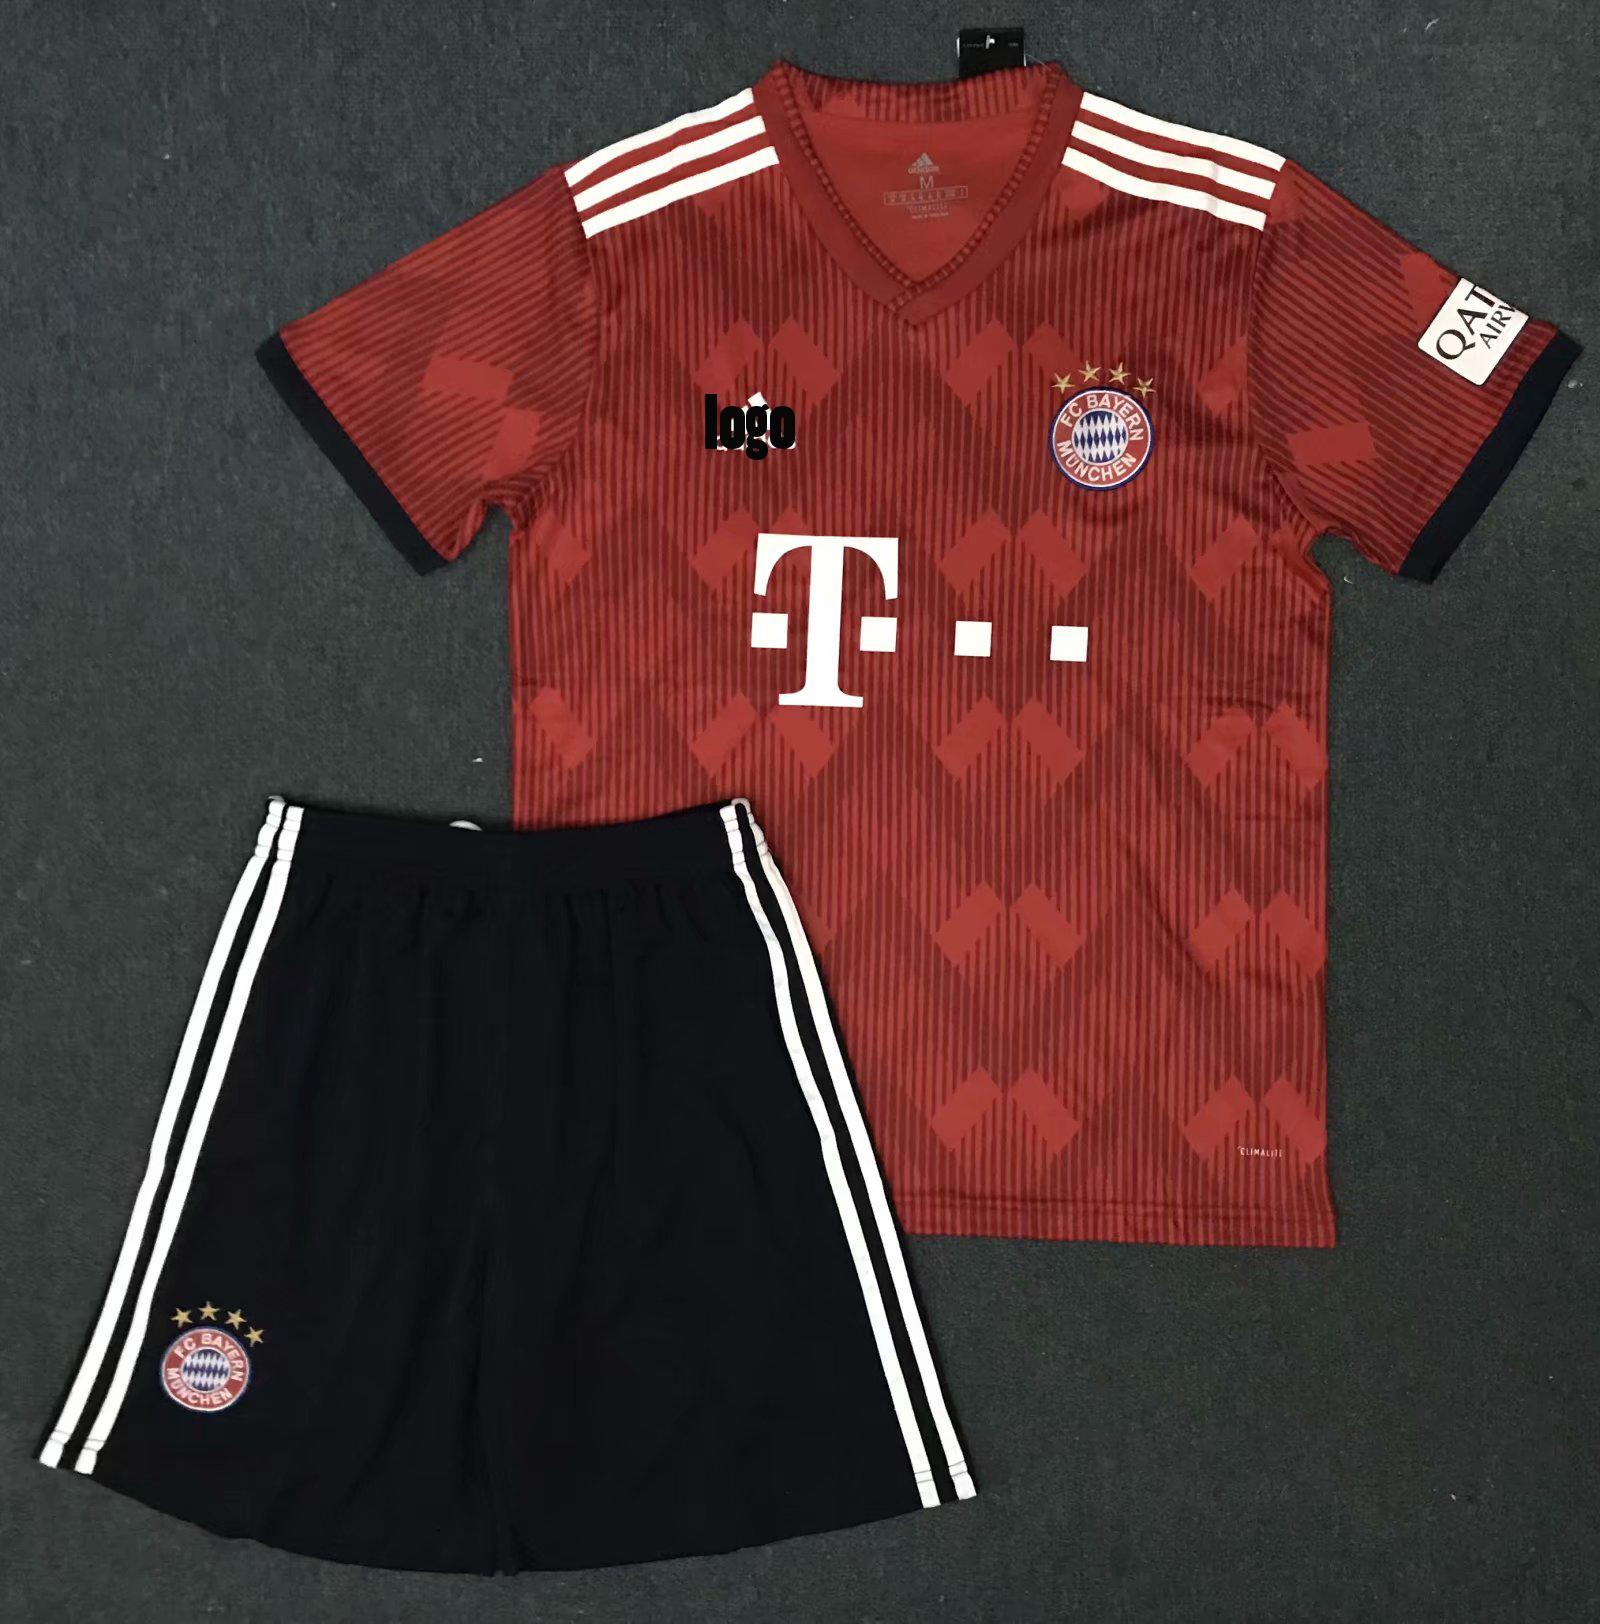 buy popular 1c4d7 c30a4 2018/19 Cheap Bayren Munich Home Red Adult Jersey Uniform kits lewandowski  9 Man Cheapest Football Complete Uniform Custom design Soccer jersey